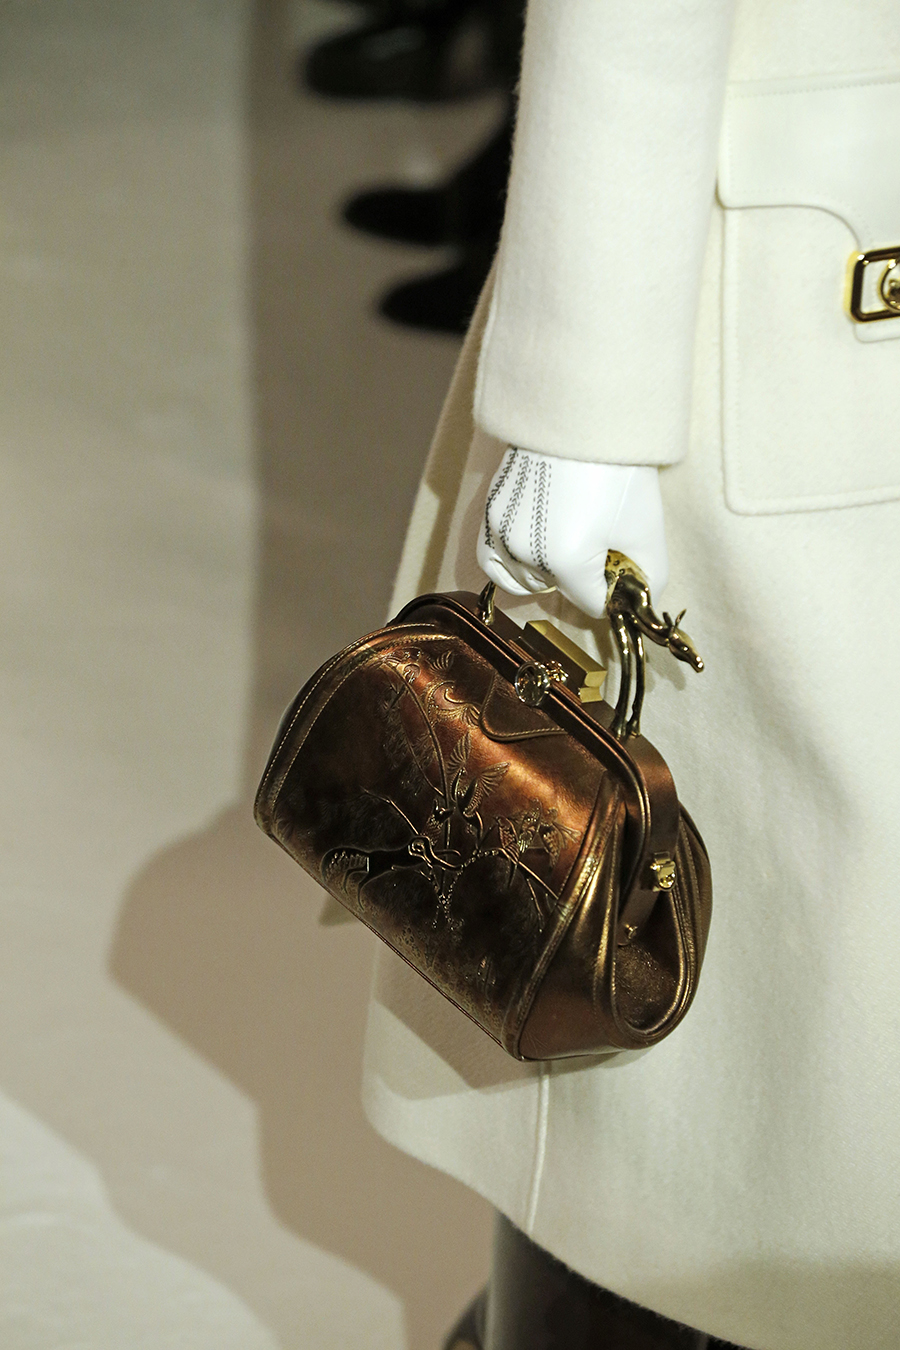 модная сумка саквояж огромная осень зима 2020 2021 чемоданчик бронзовый коричневый бронзовая фурнитура застежка поцелуйчик